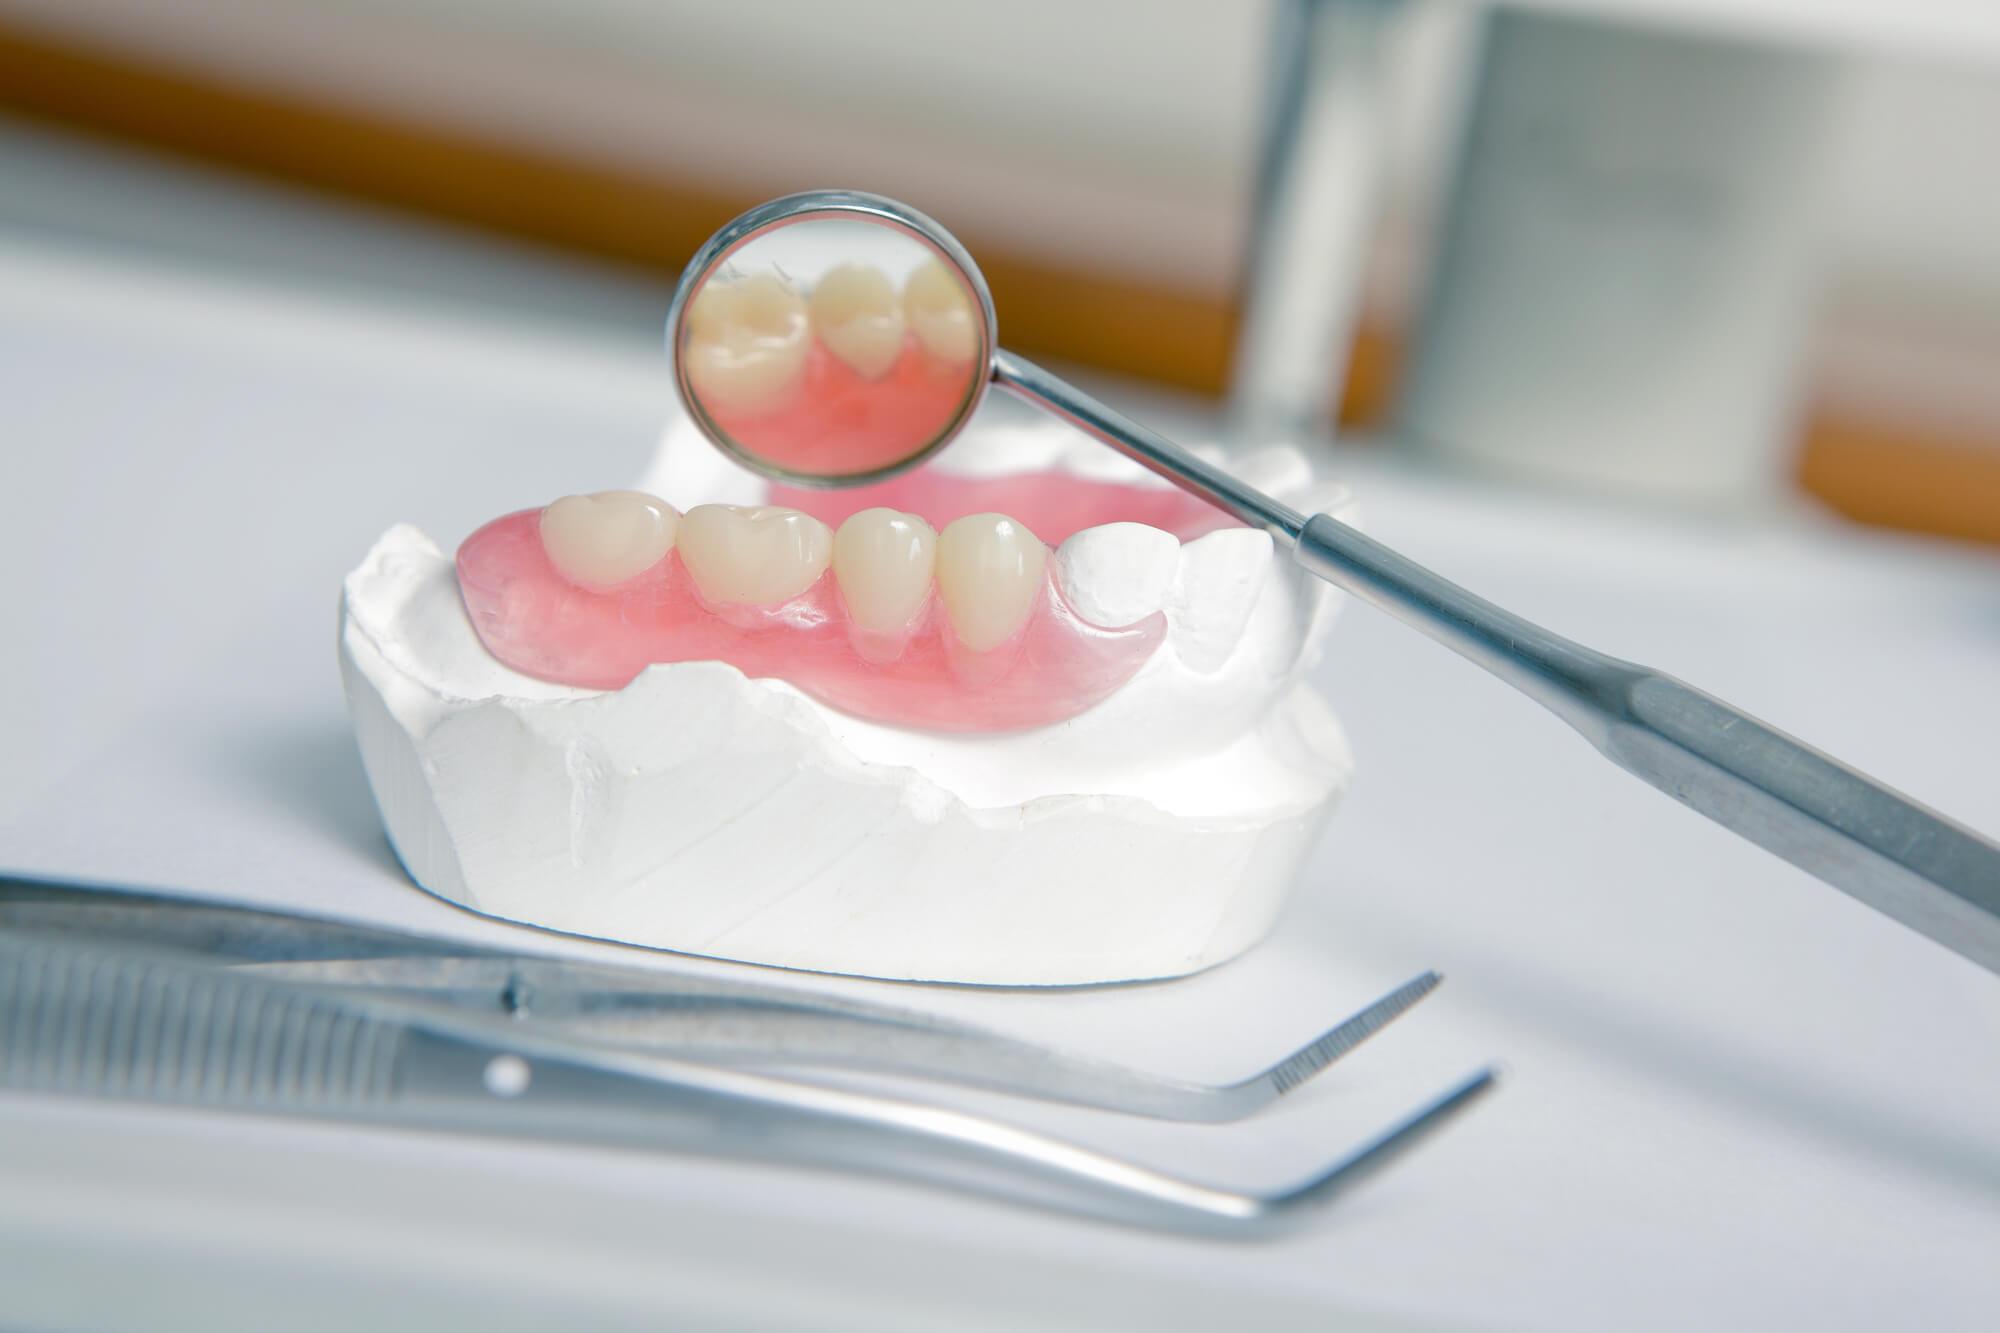 Dentures-Tamiami-model